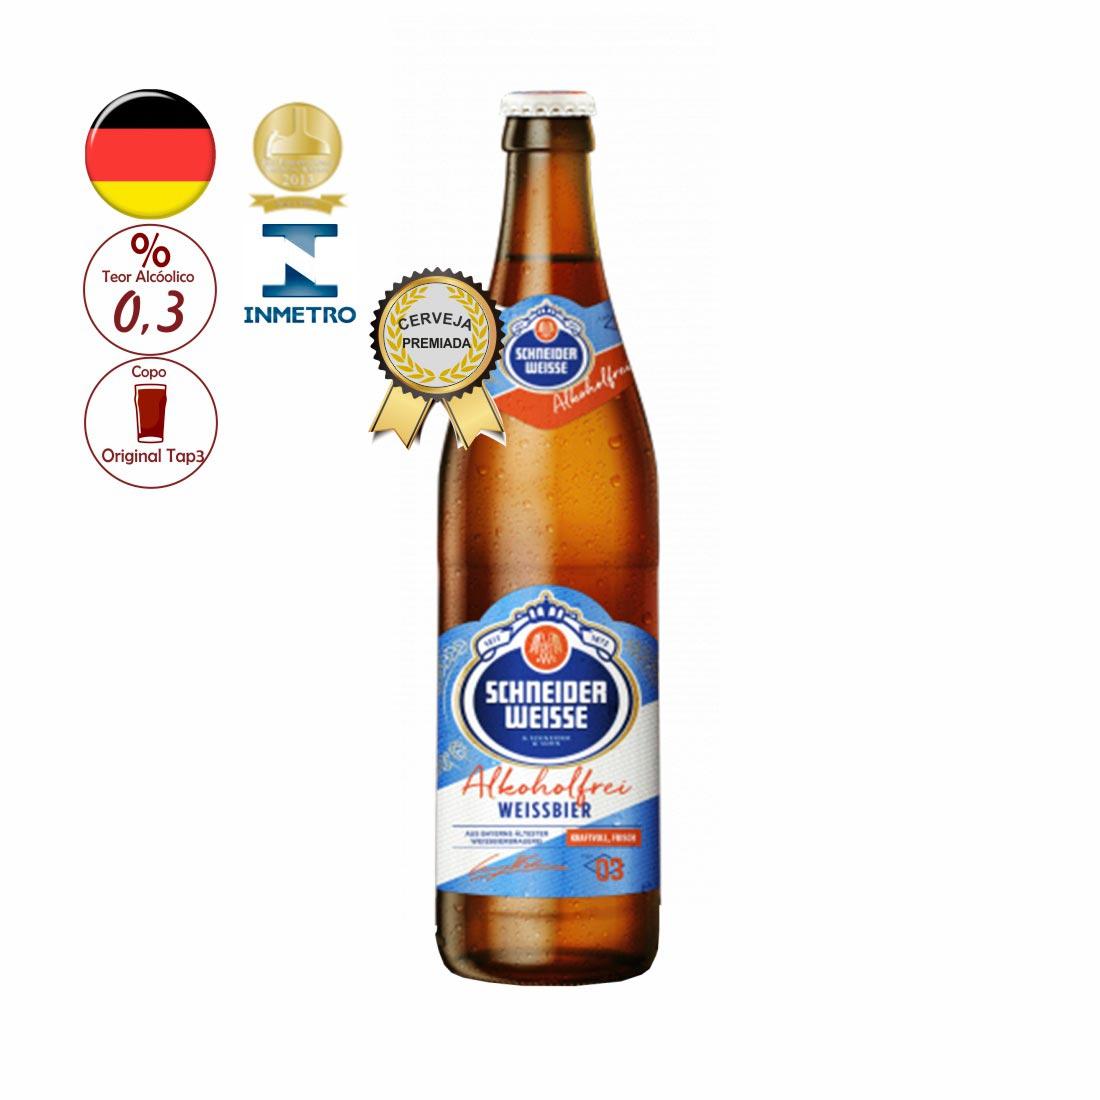 CERVEJA TAP-3 SCHNEIDER WEISSE 500ML MEIN ALKOHOLFREI